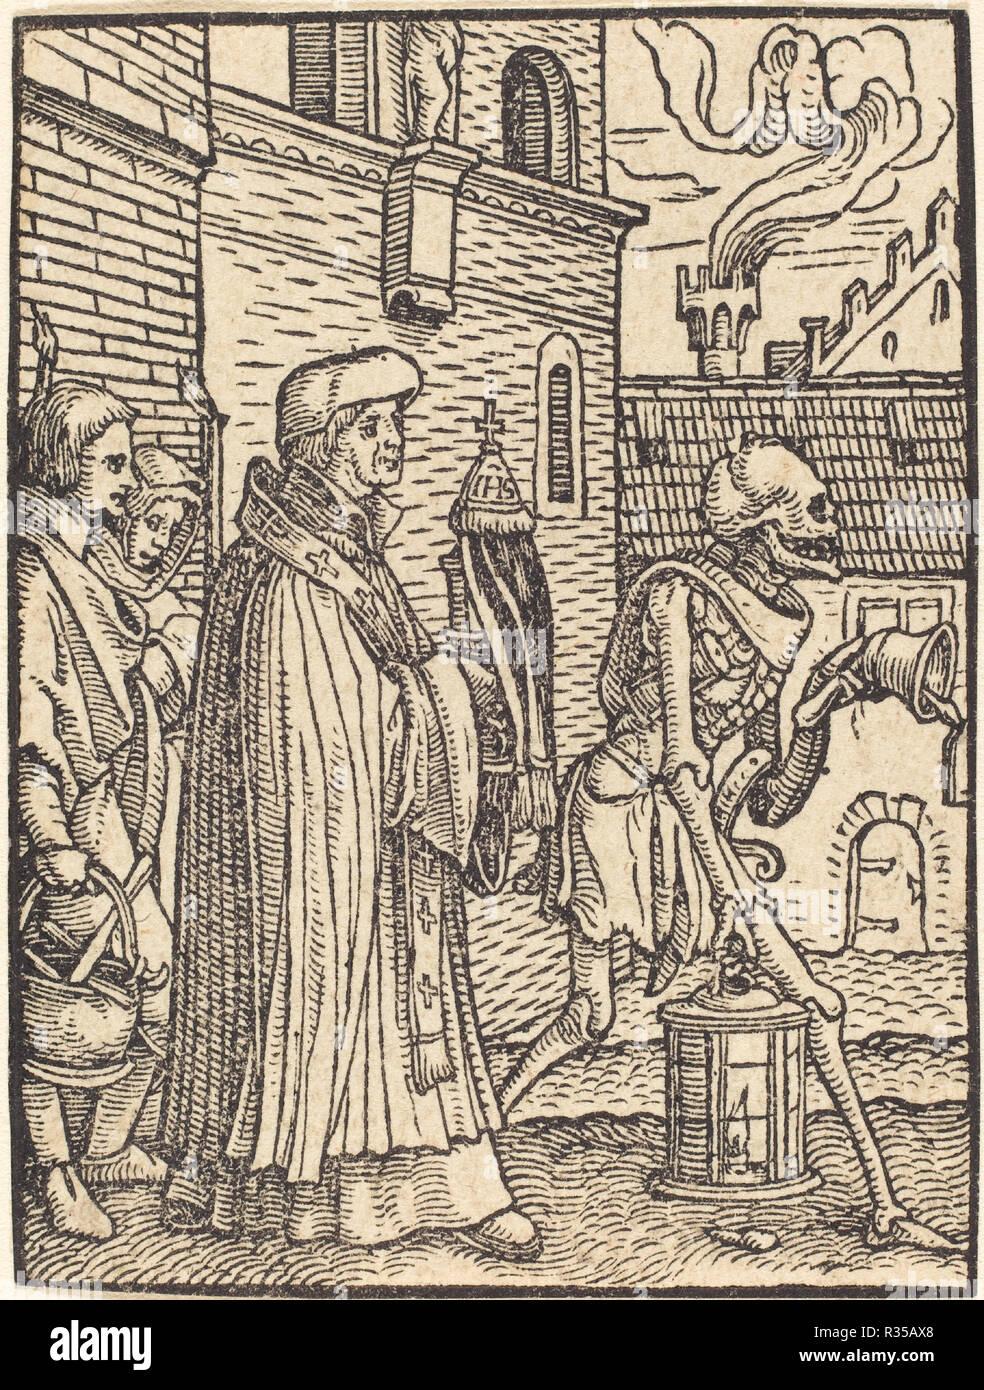 Il parroco. Medium: xilografia. Museo: National Gallery of Art di Washington DC. Autore: Hans Holbein il Giovane. Immagini Stock